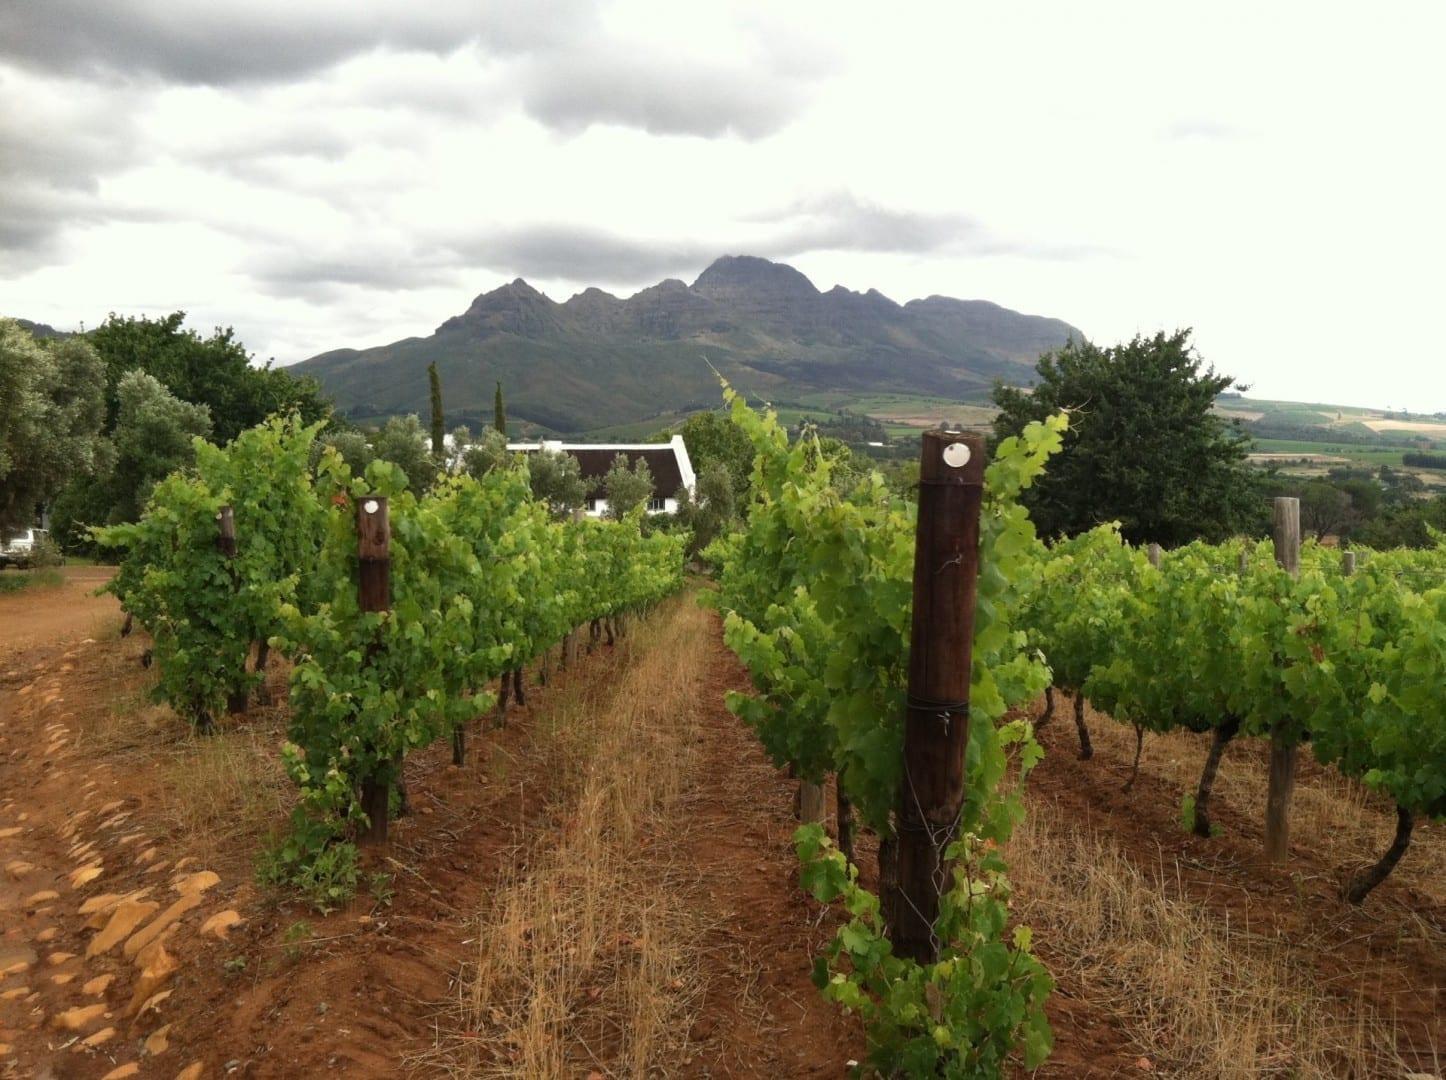 Los viñedos de Vriesenhof en la región vinícola de Stellenbosch Stellenbosch República de Sudáfrica